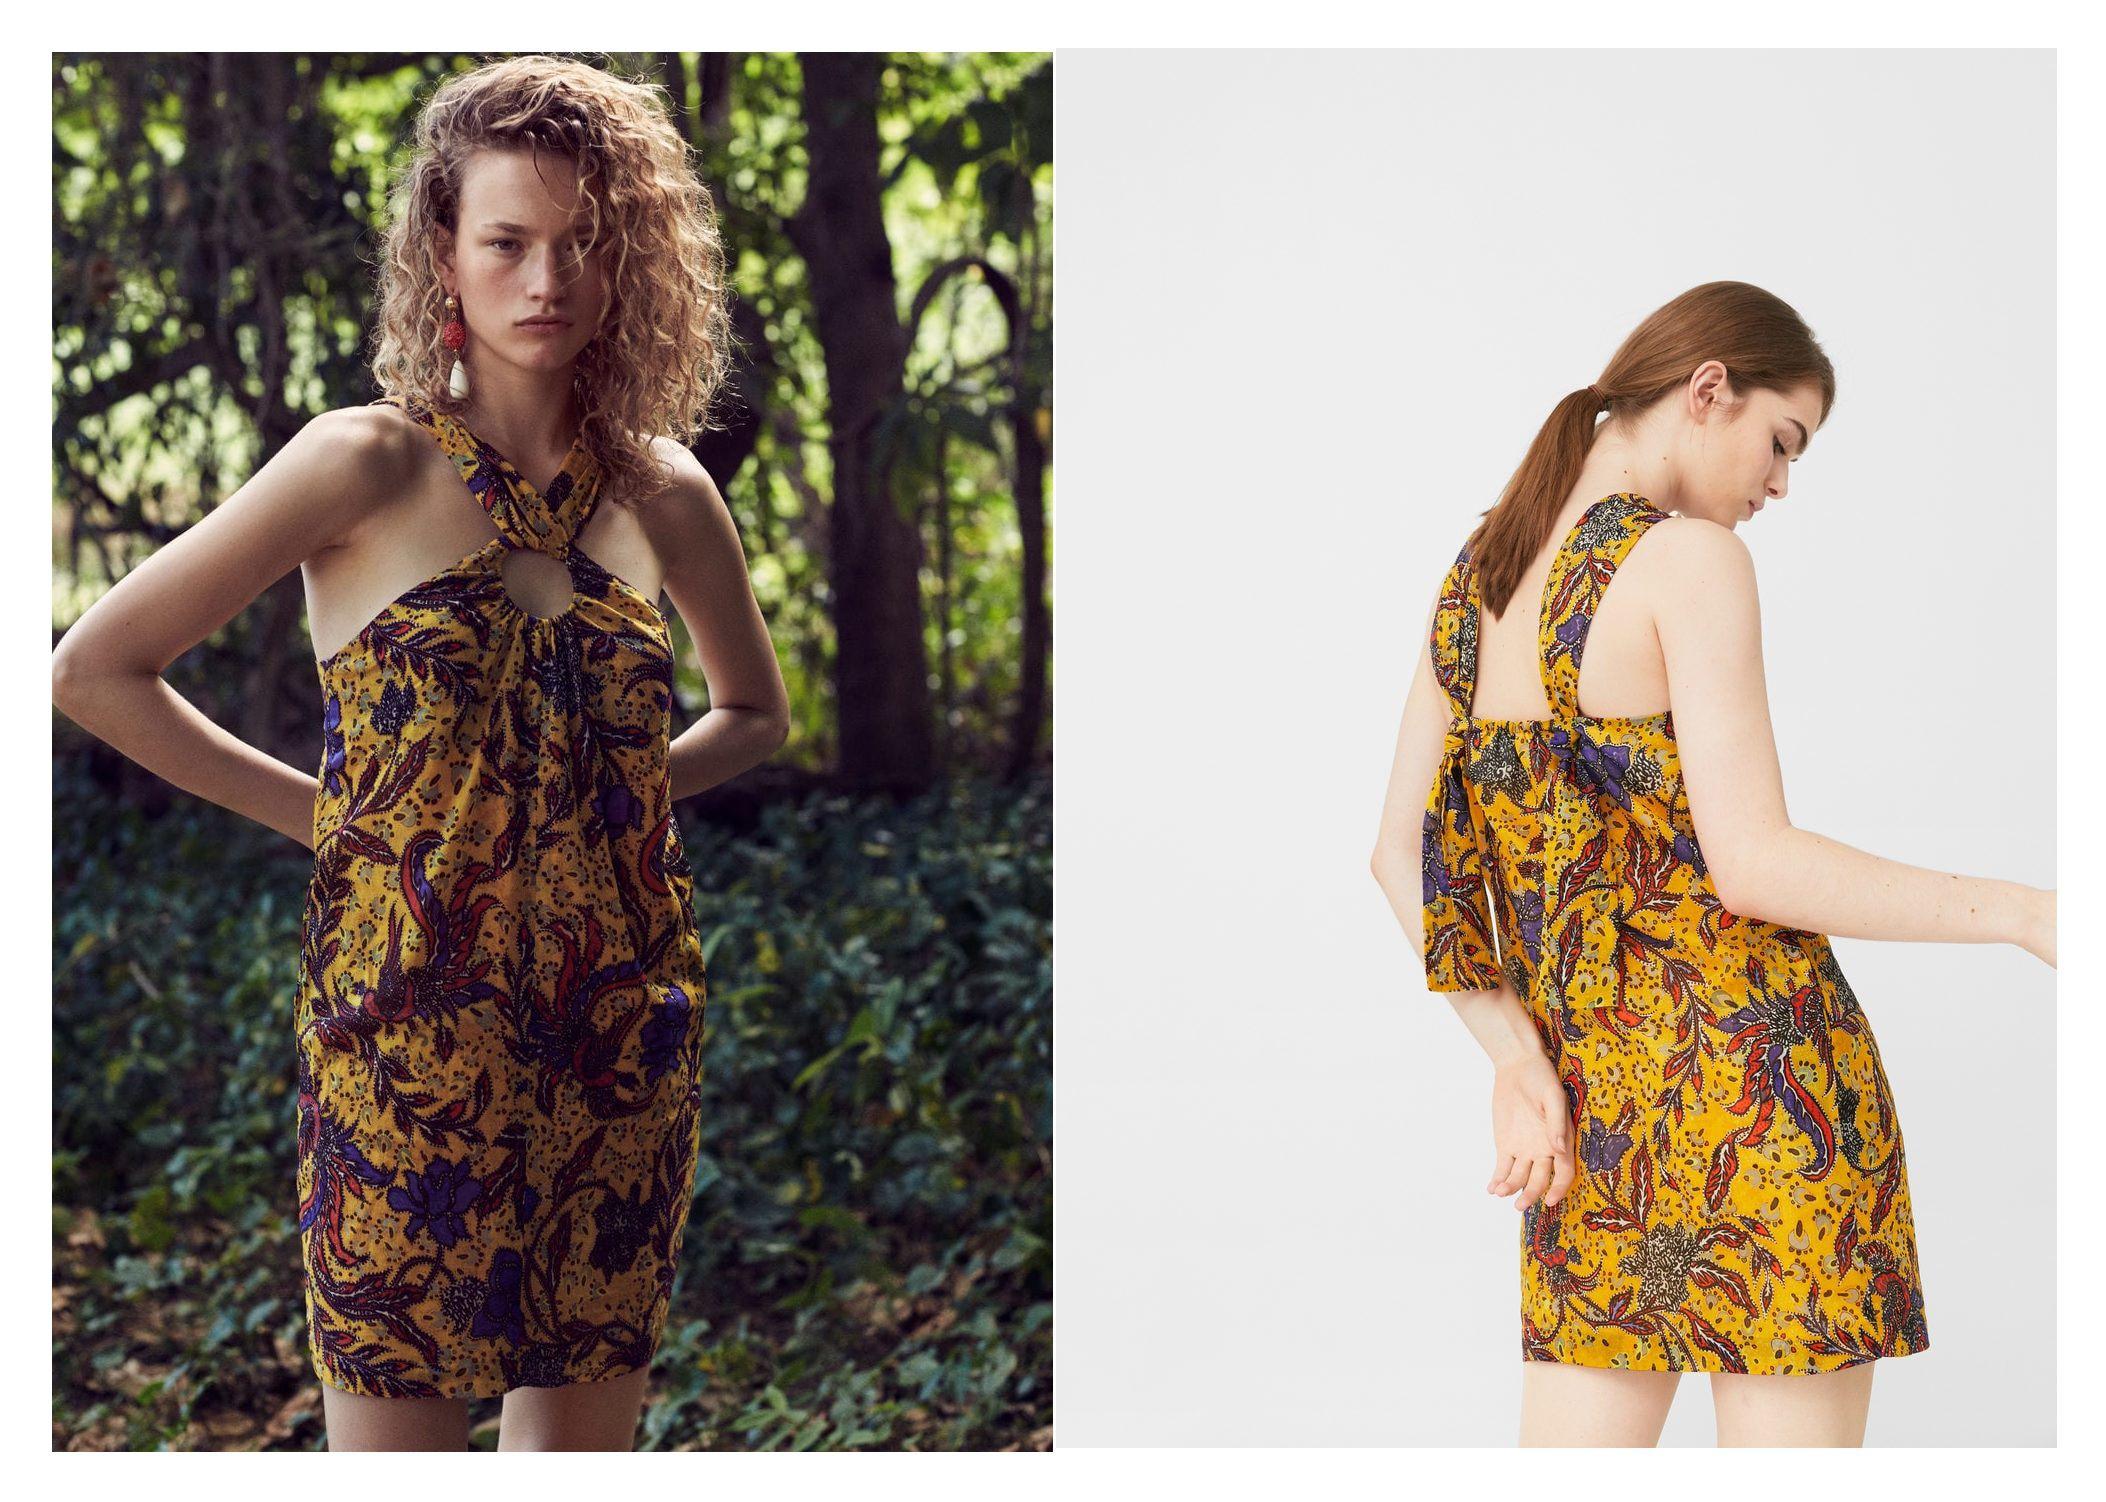 Šuška se, šuška... novi model haljine je u trendu!